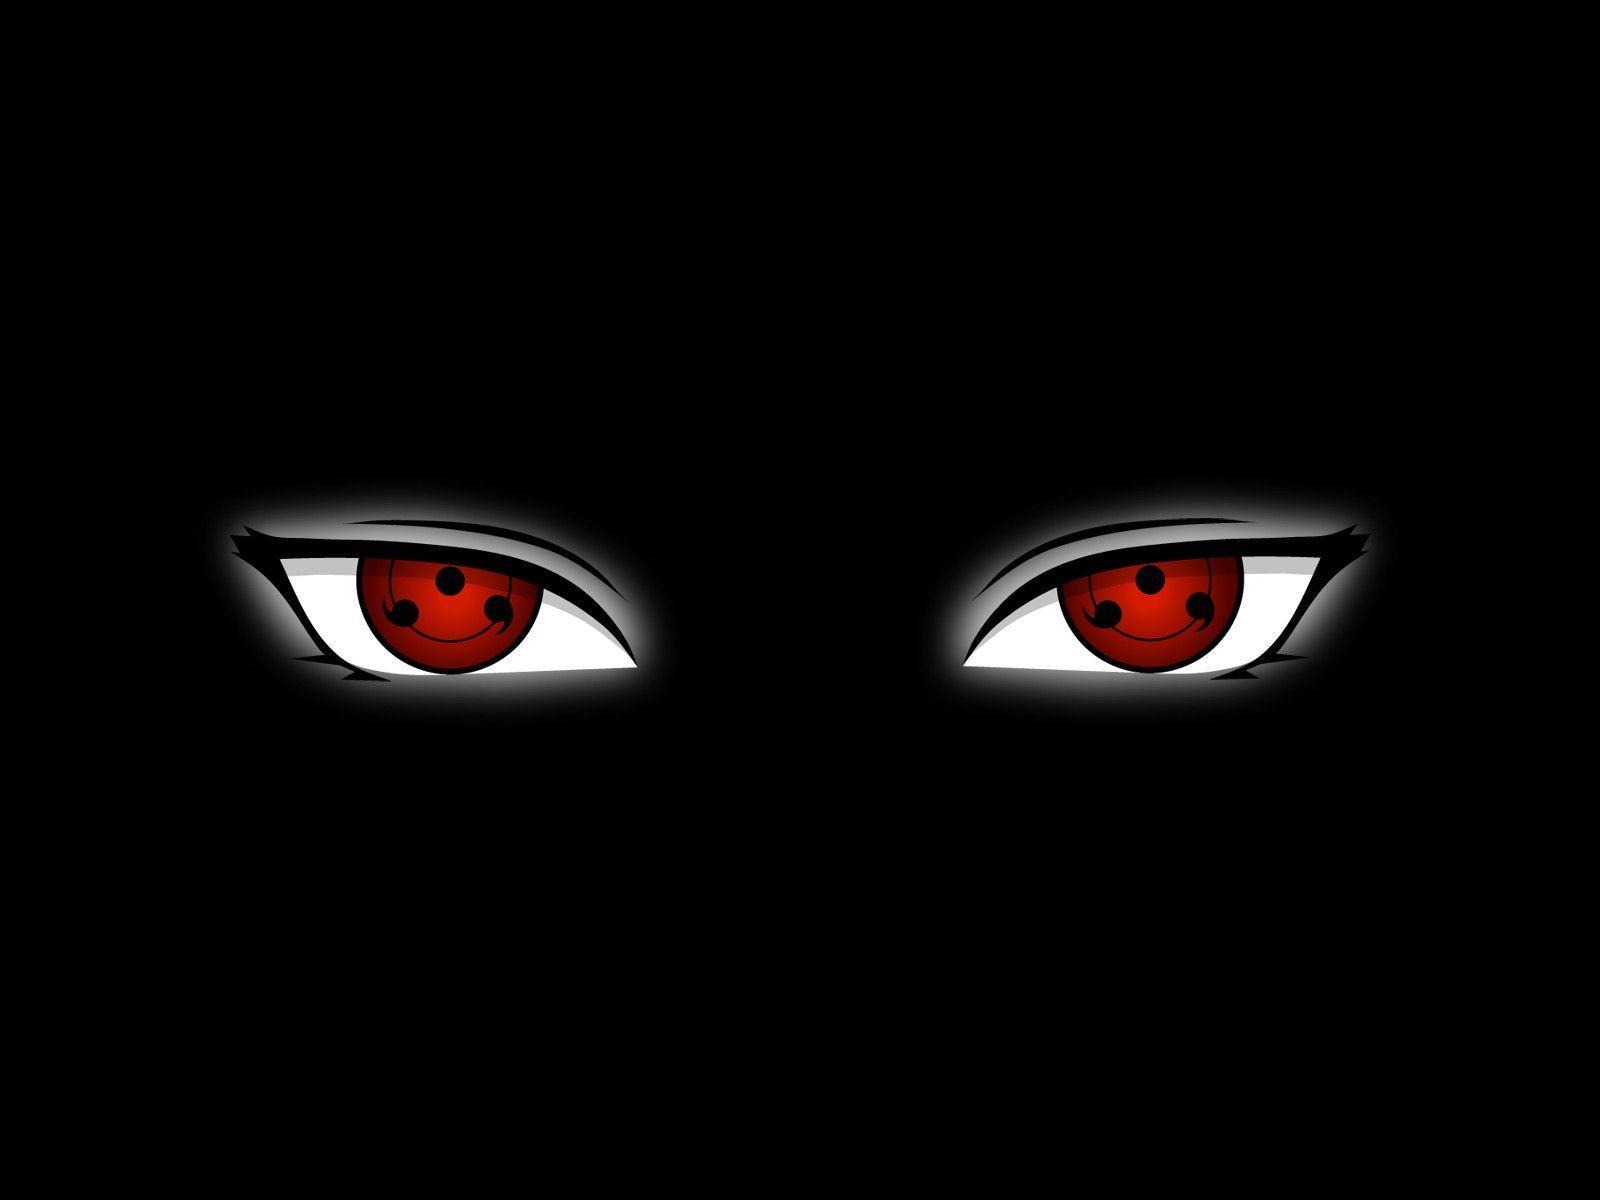 65 Gambar Naruto Bergerak Mata Sharingan Terbaik